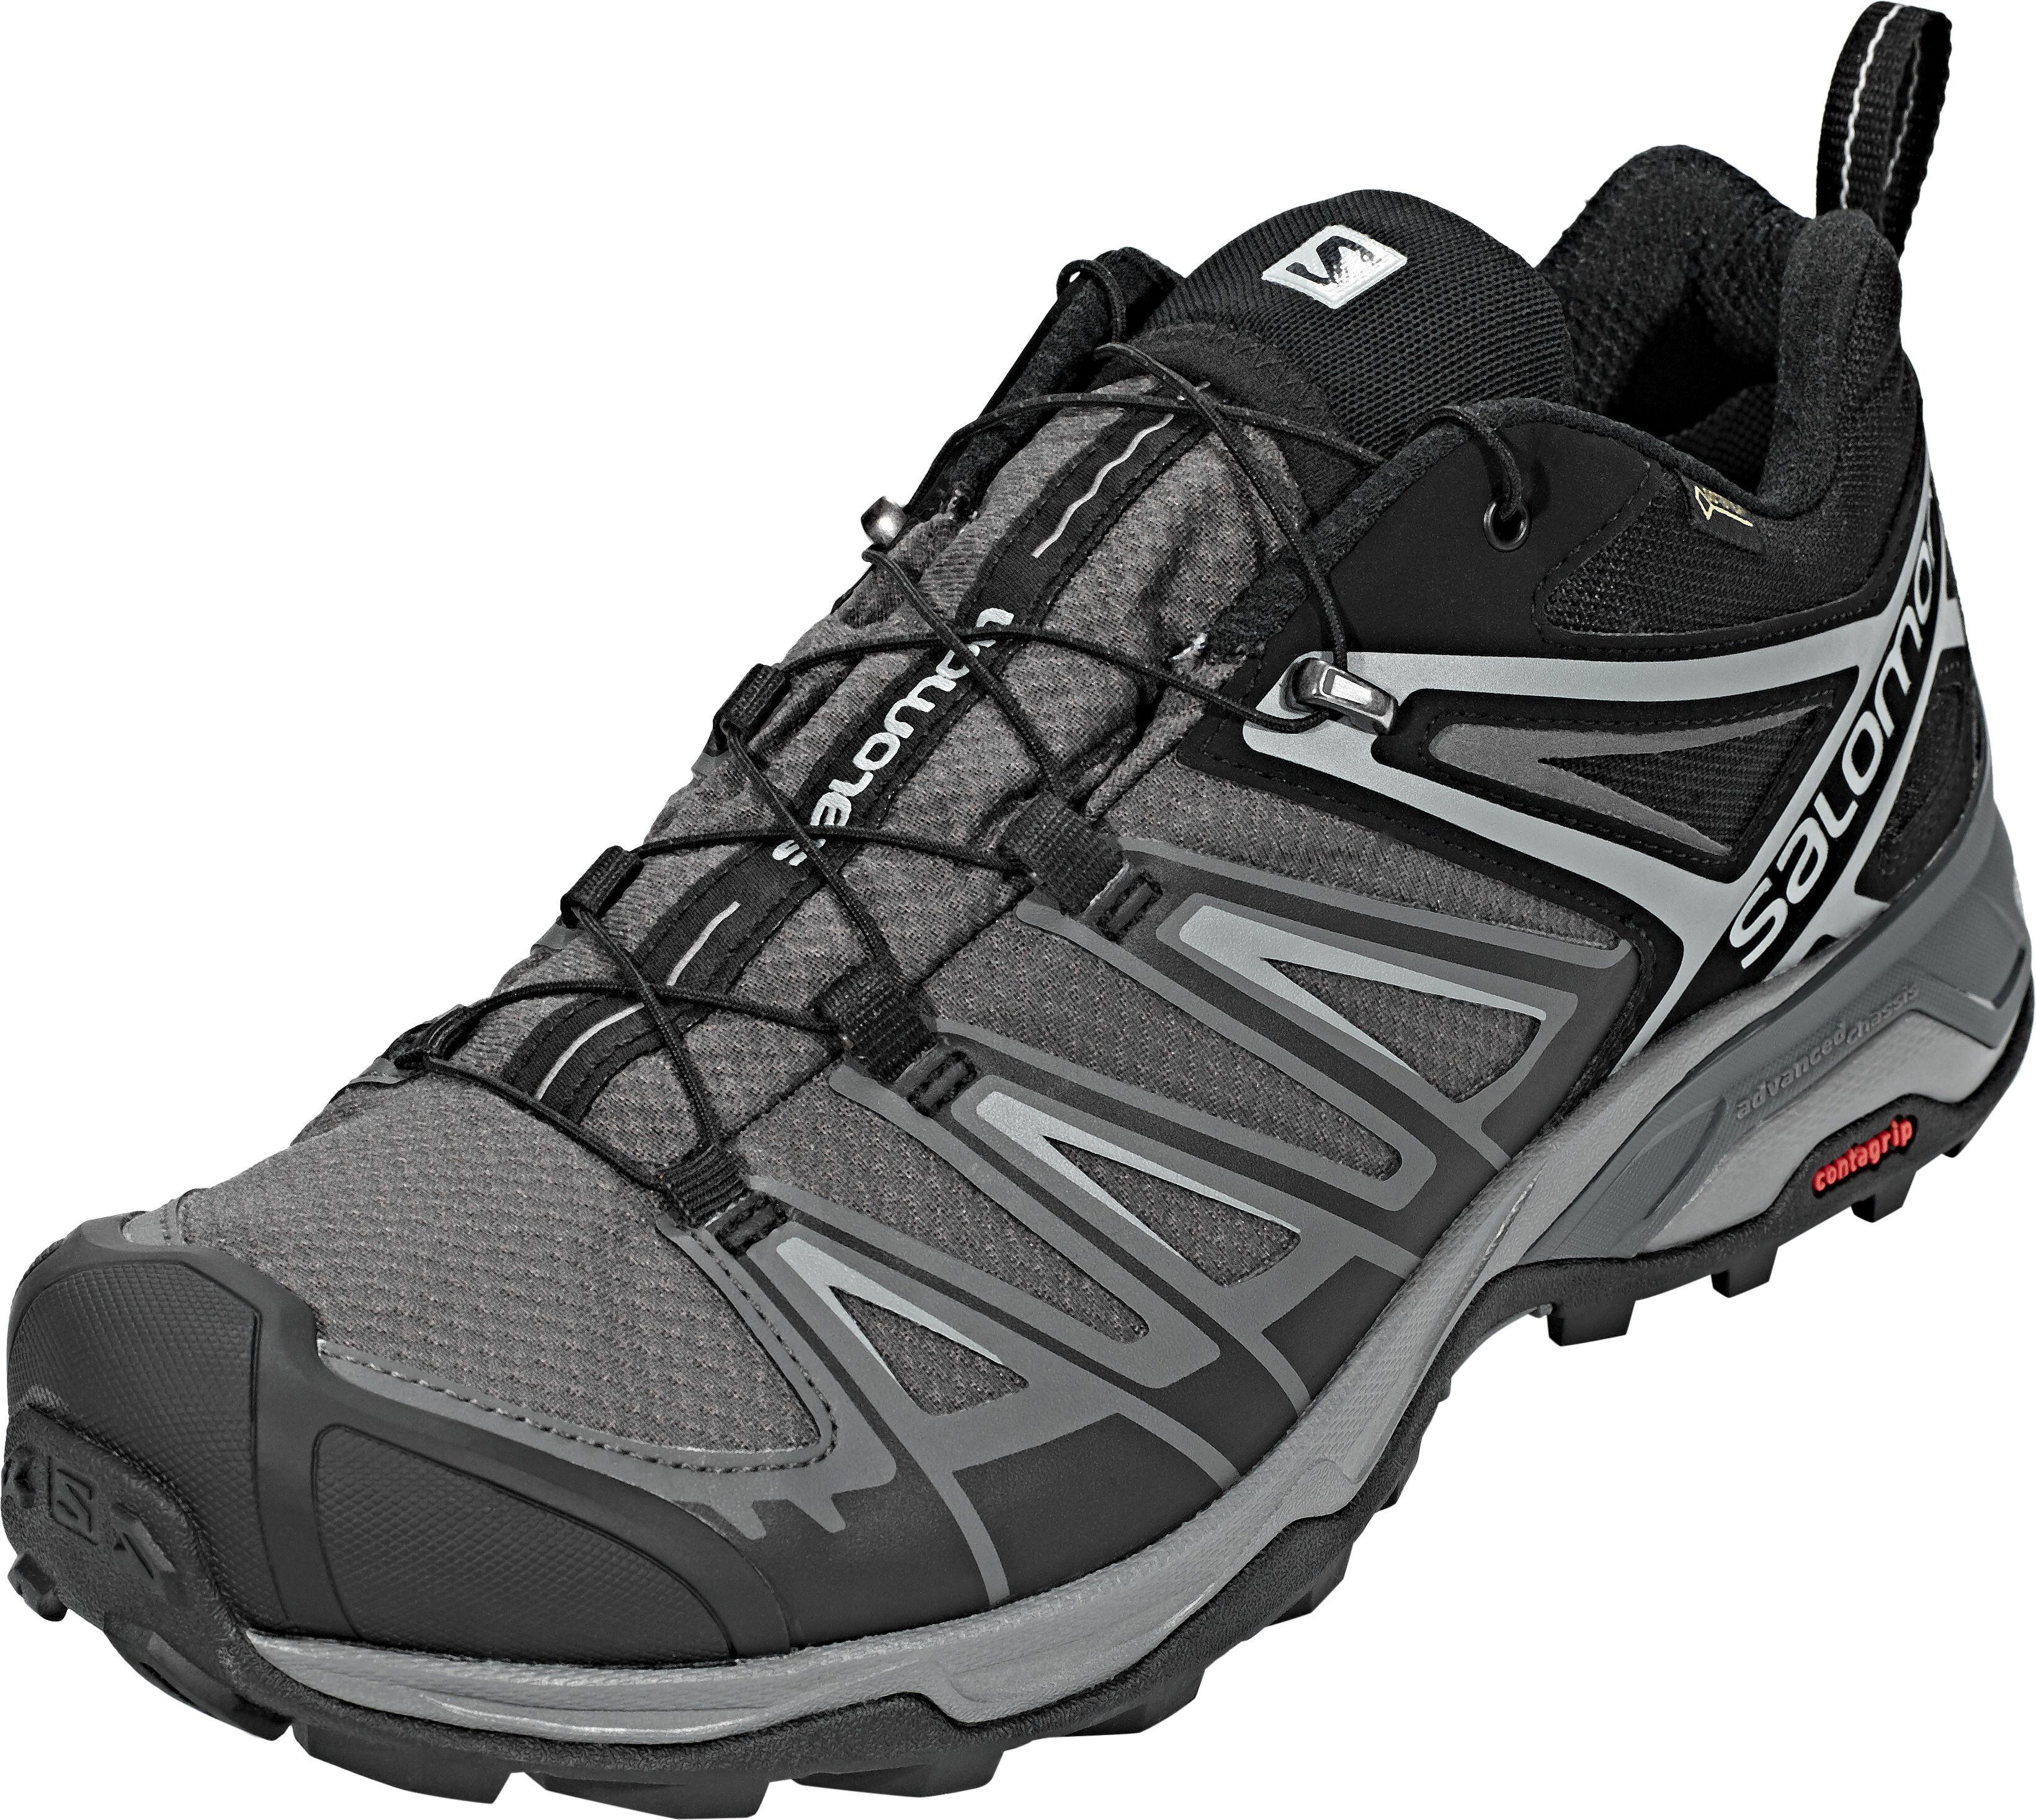 12a3d7d0df7 Salomon X Ultra 3 GTX - Calzado Hombre - gris negro